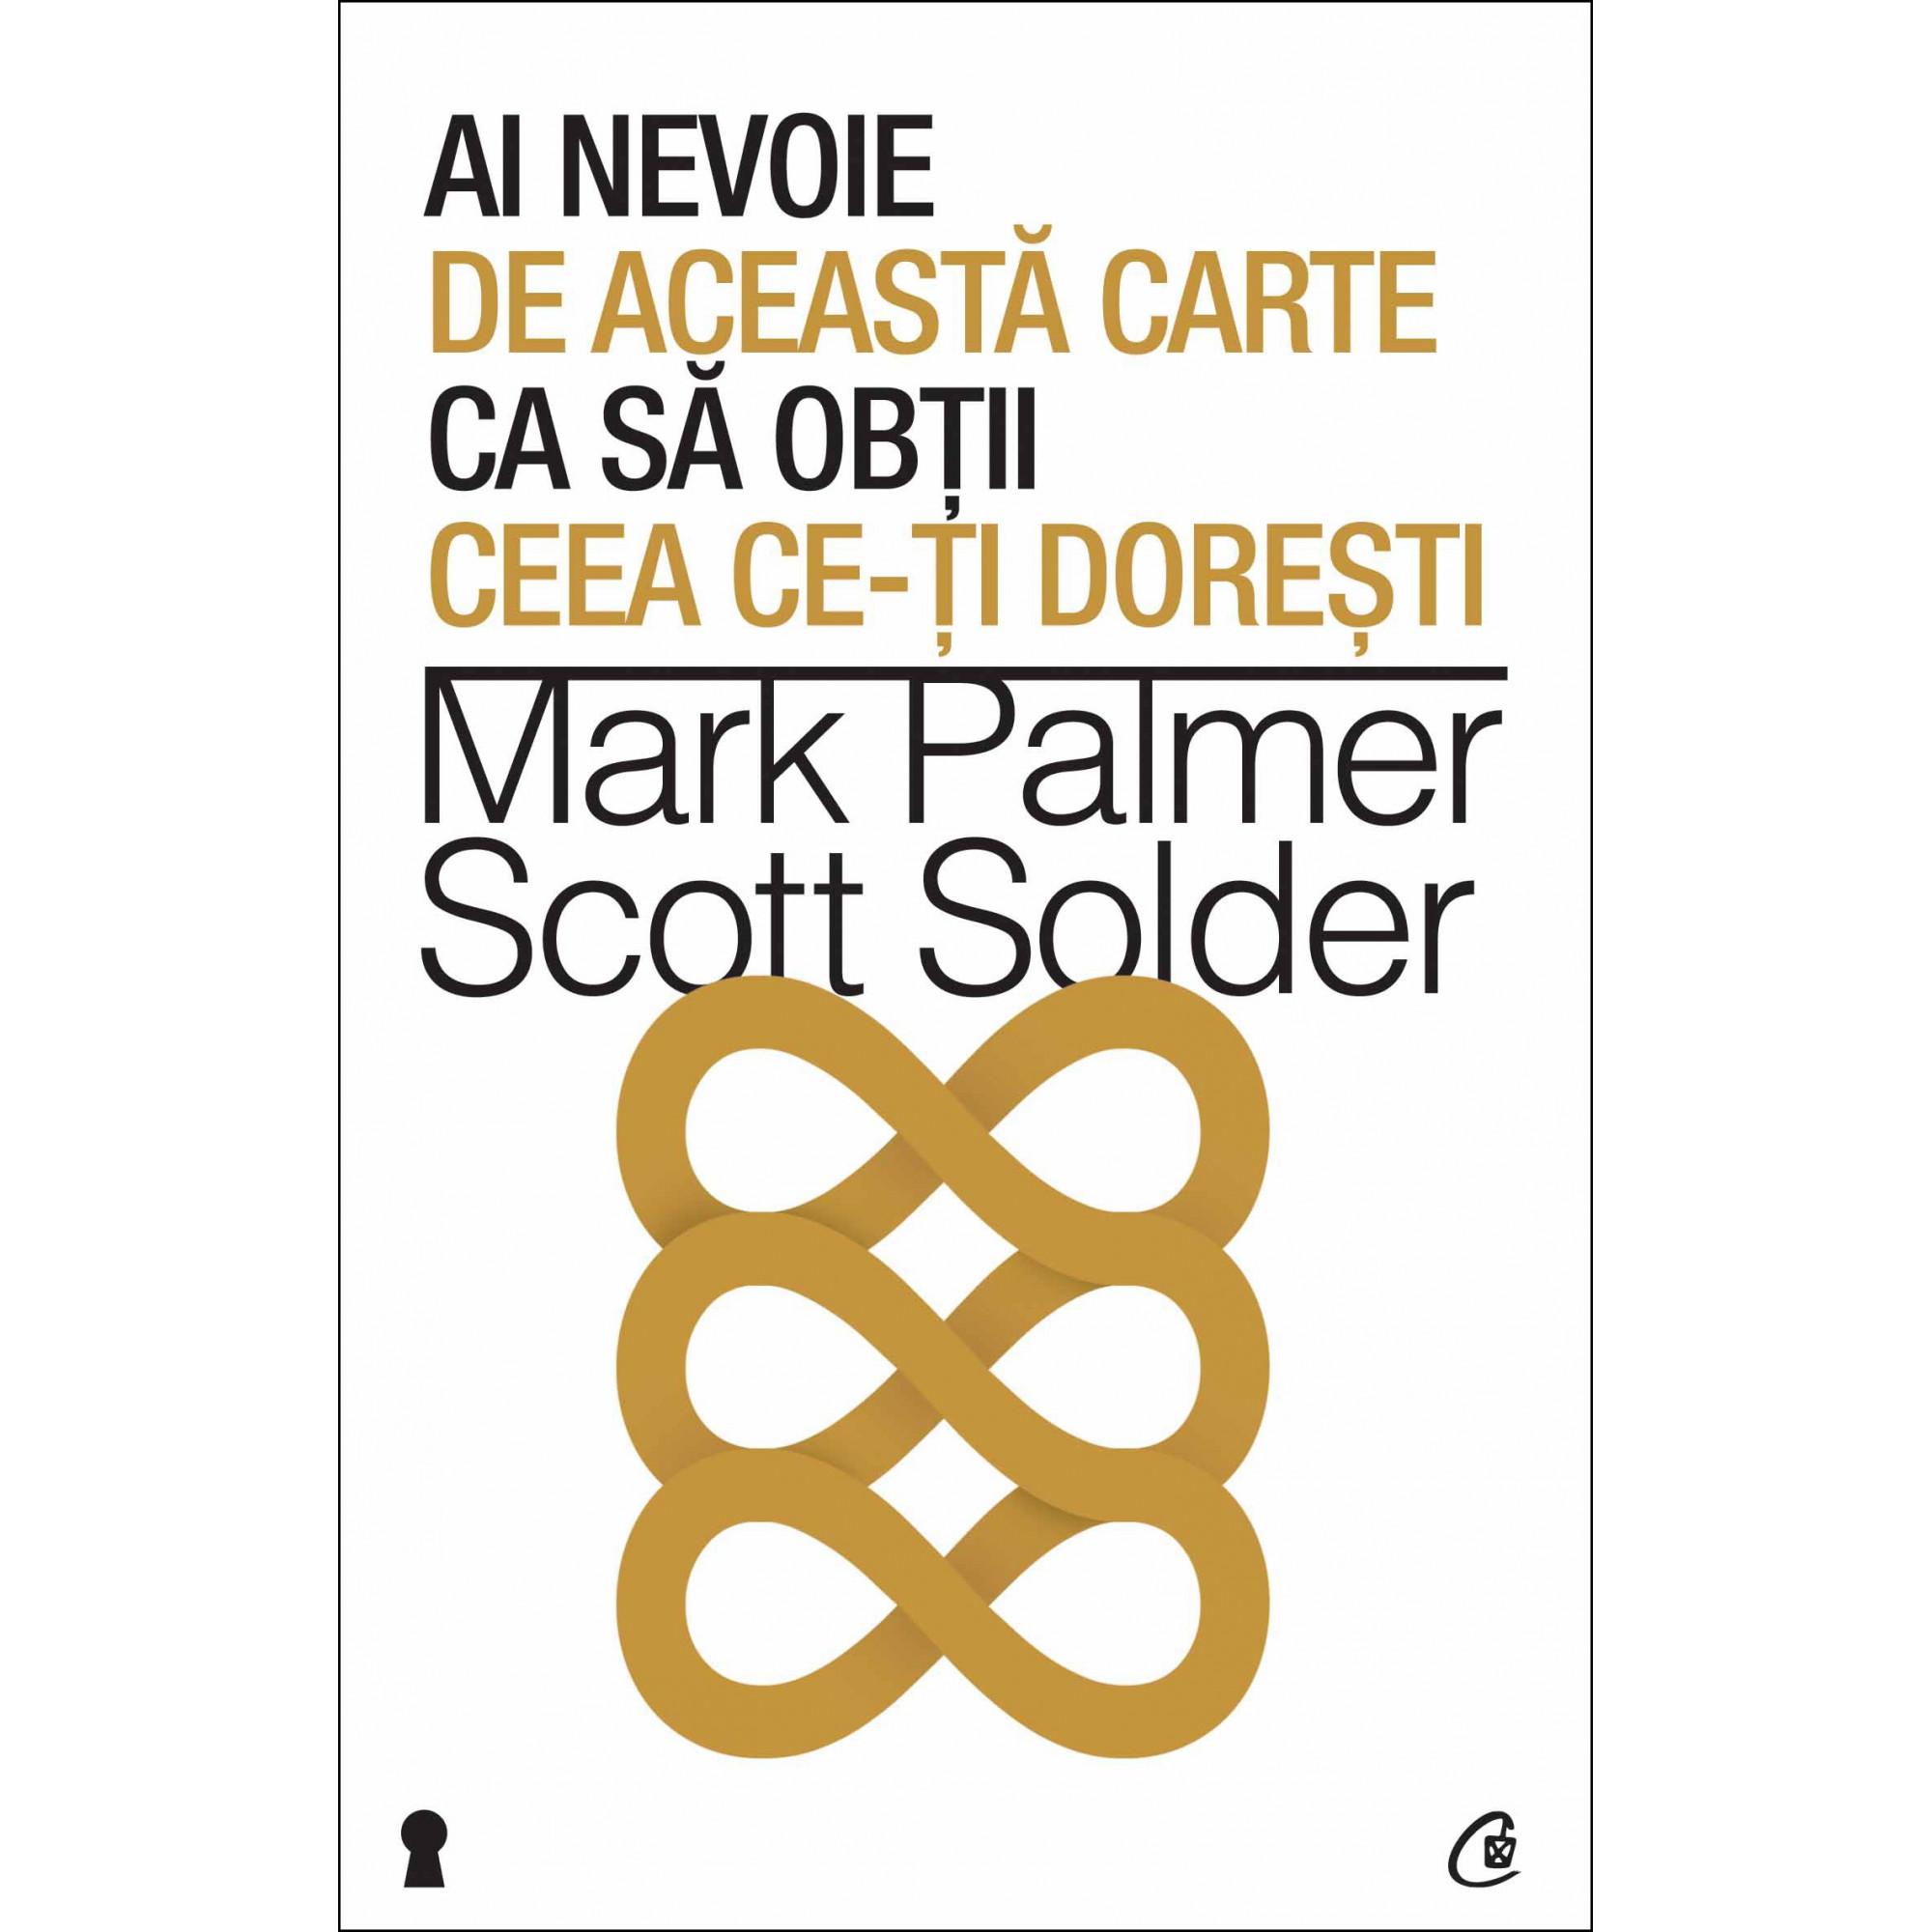 Ai nevoie de această carte ca să obţii ceea ce-ţi doreşti; Mark Palmer, Scott Solder